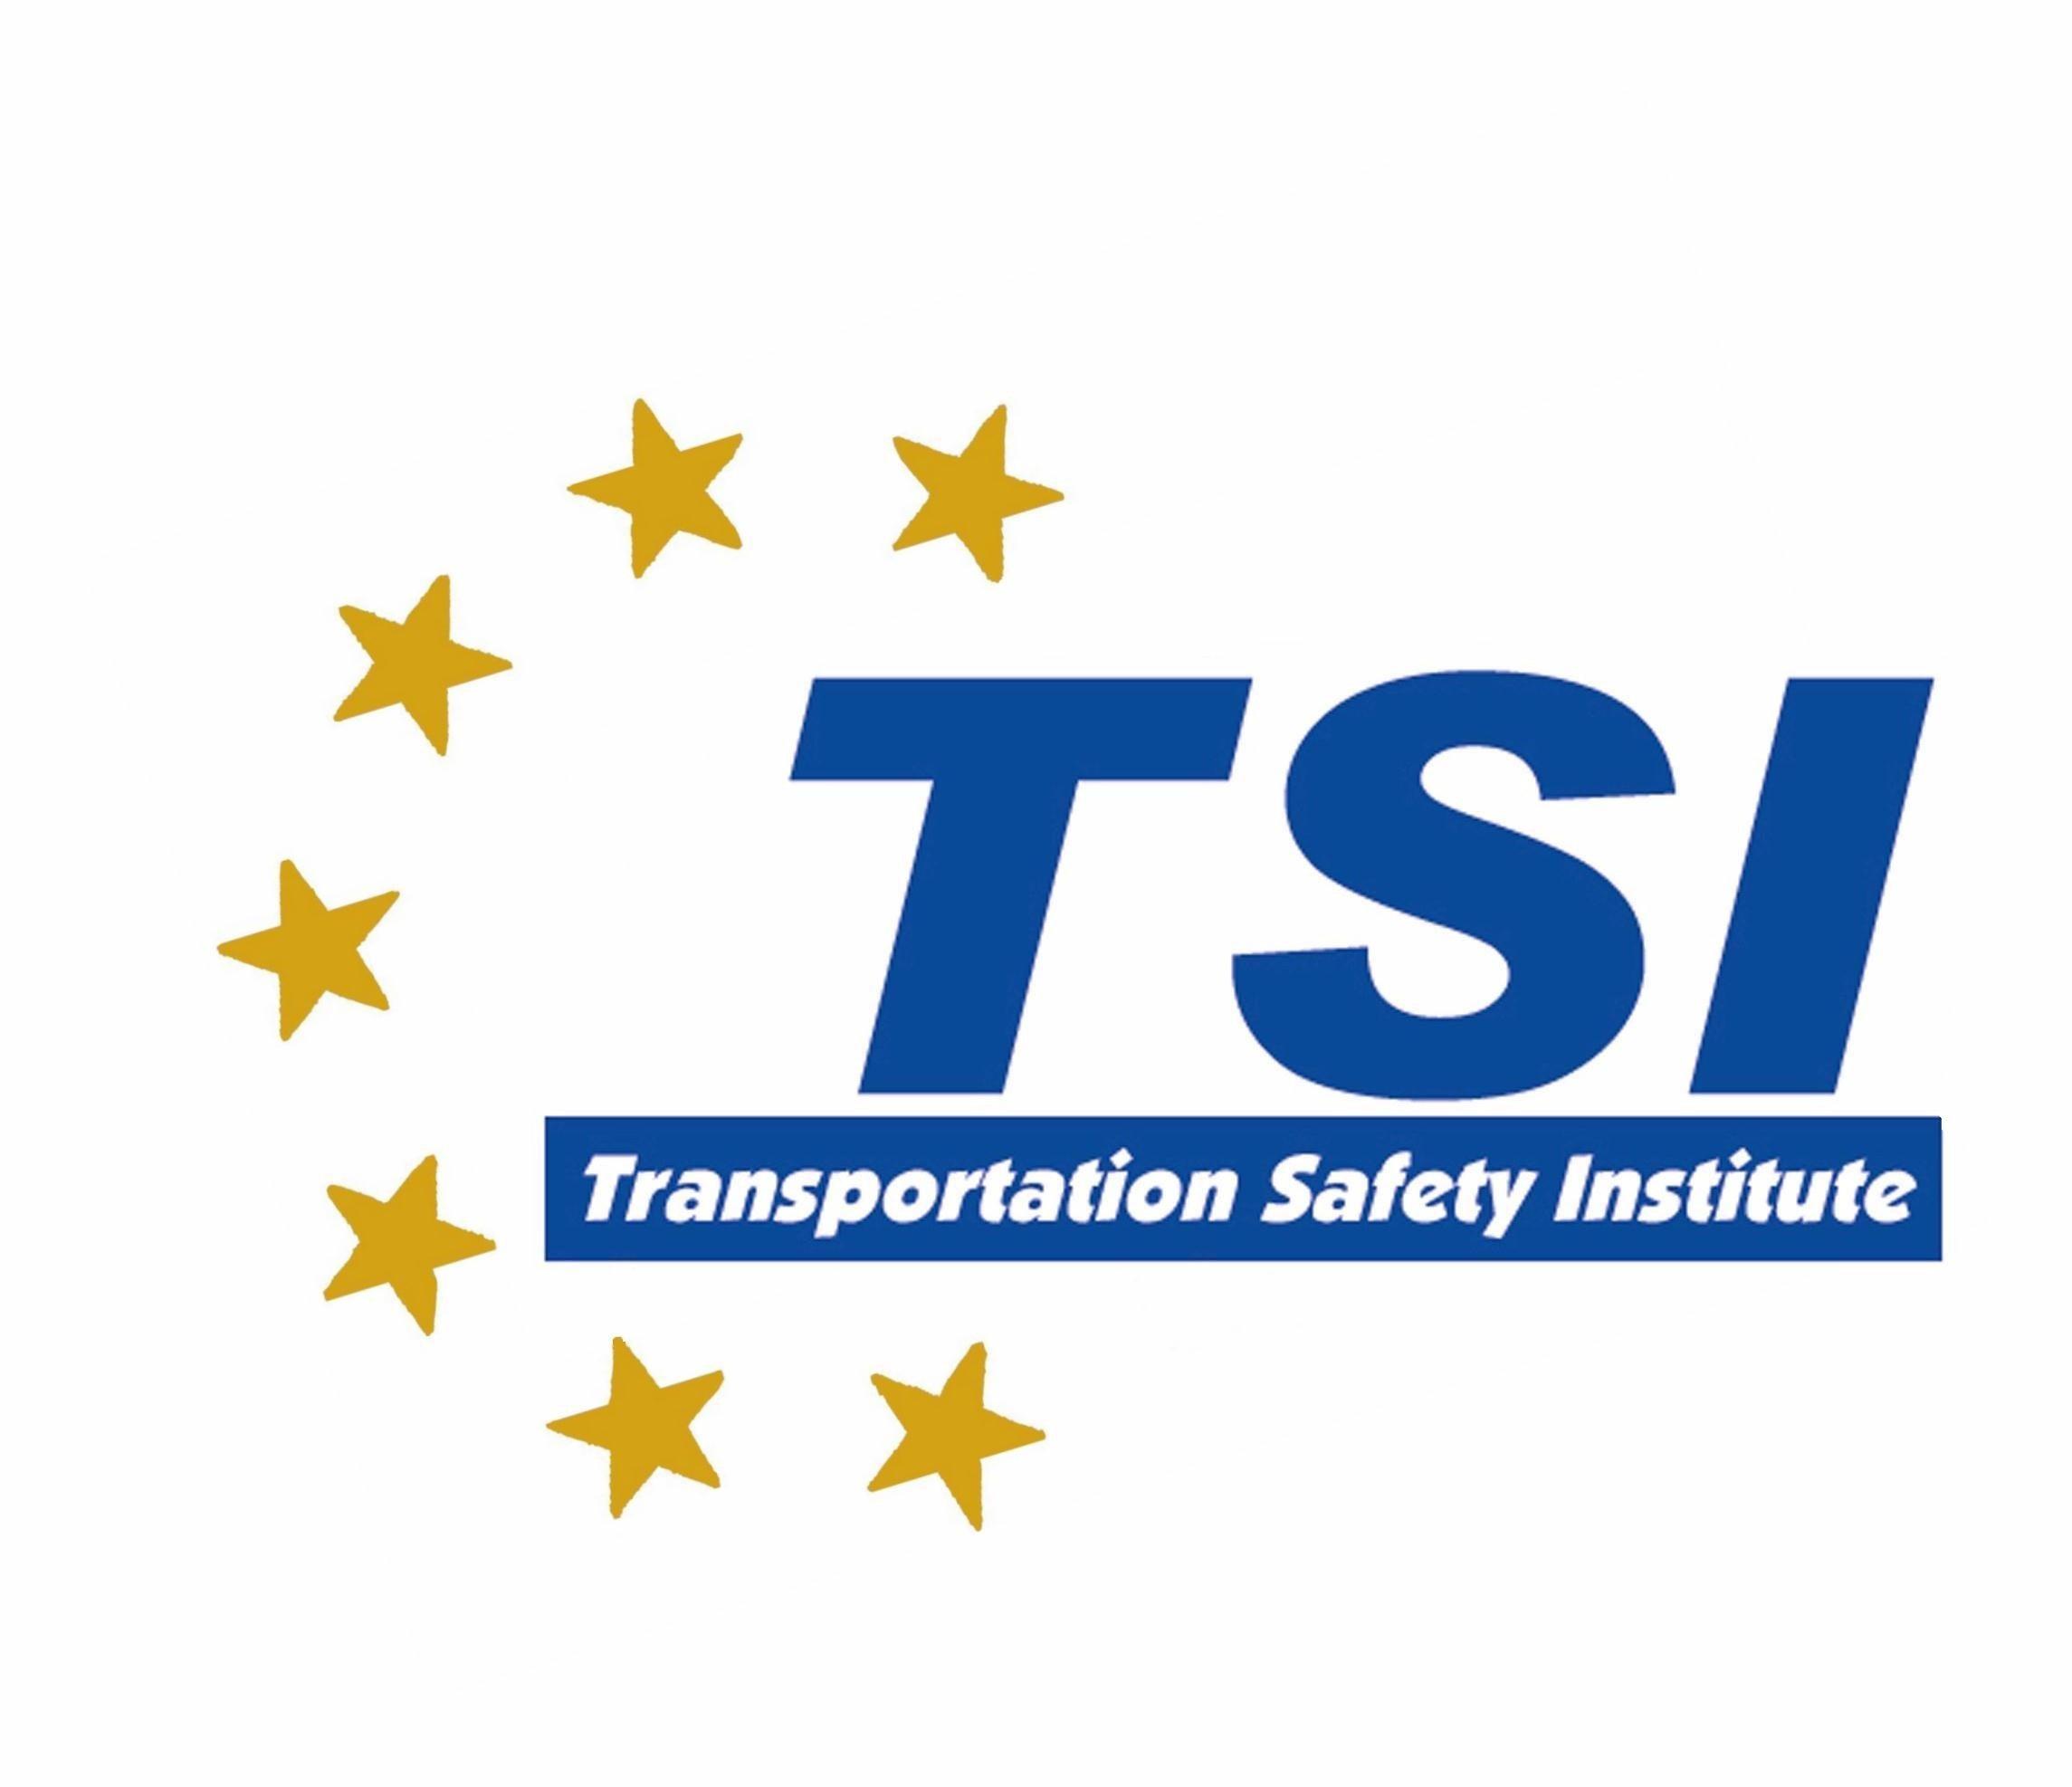 Faa Logo Aviation Safety